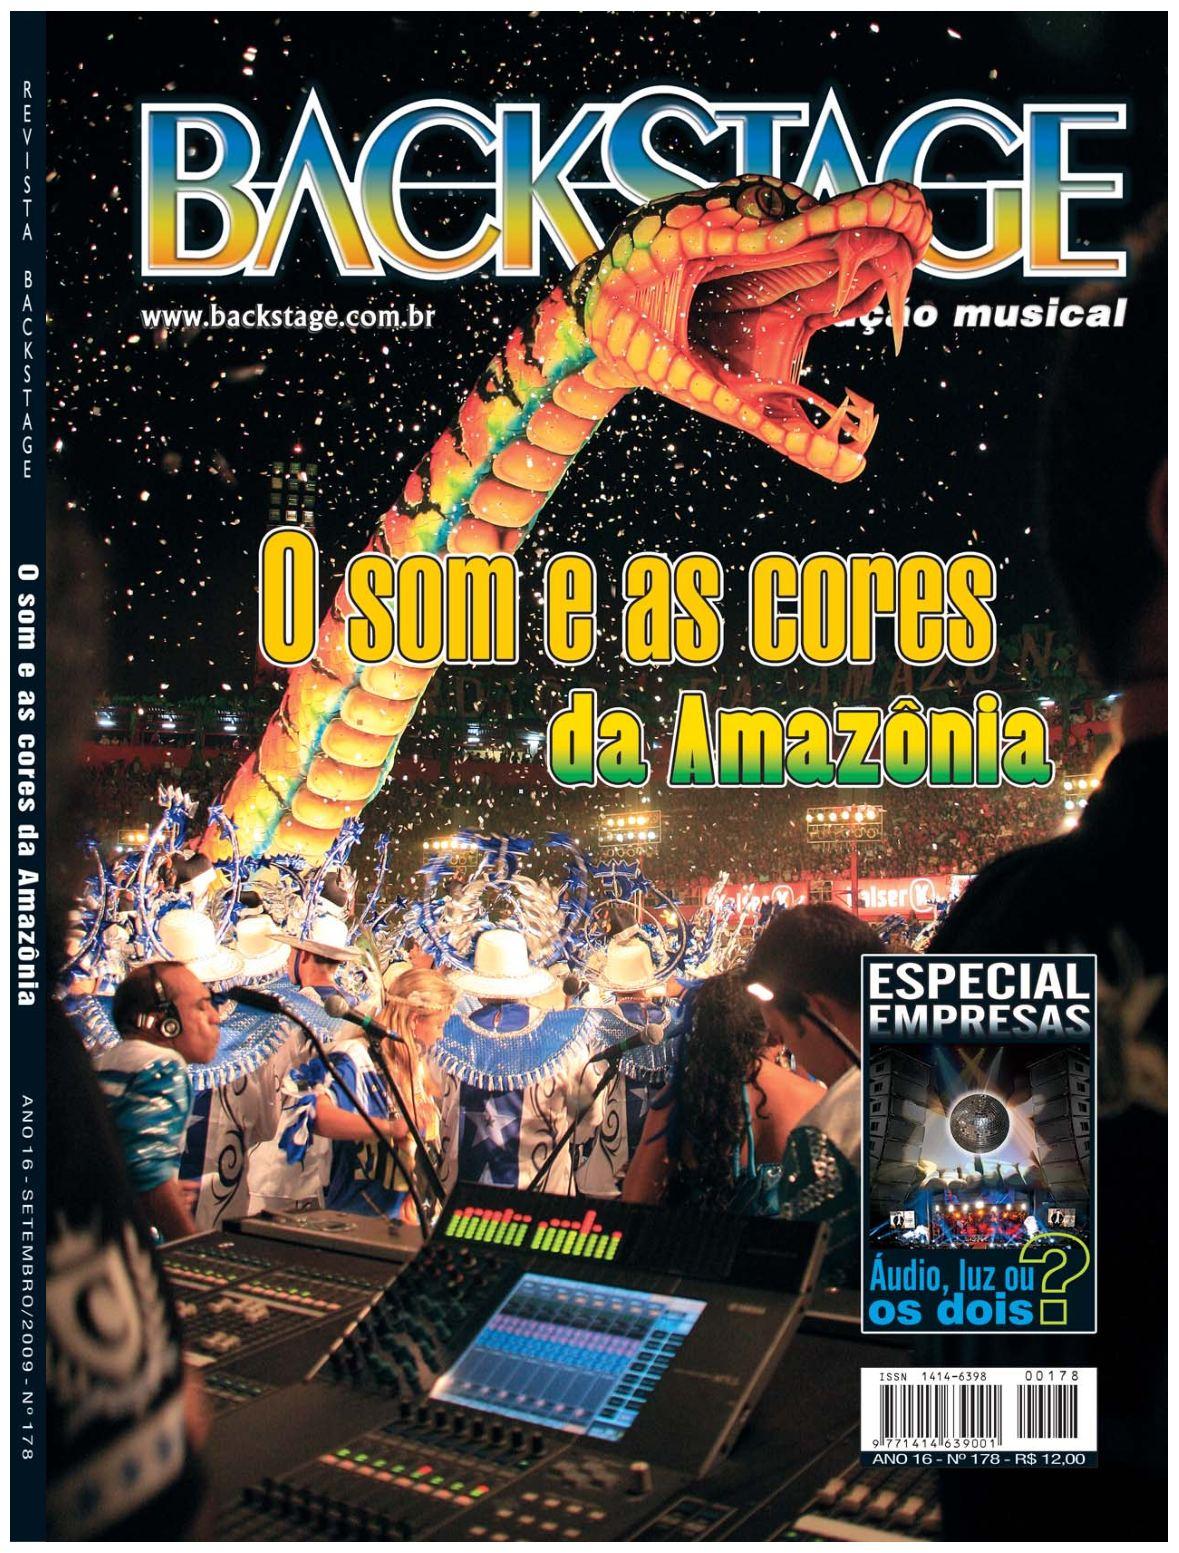 7ed841595 Calaméo - Revista Backstage Edição 178